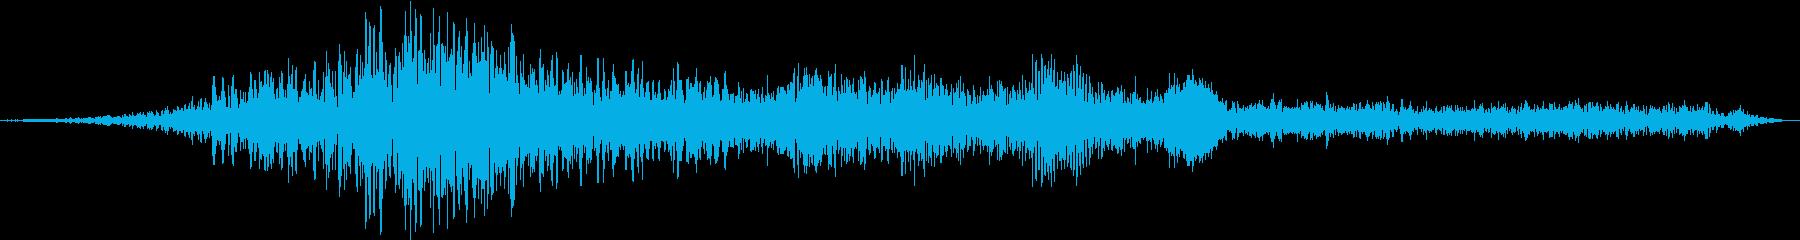 トランスポーターの室内騒音の再生済みの波形